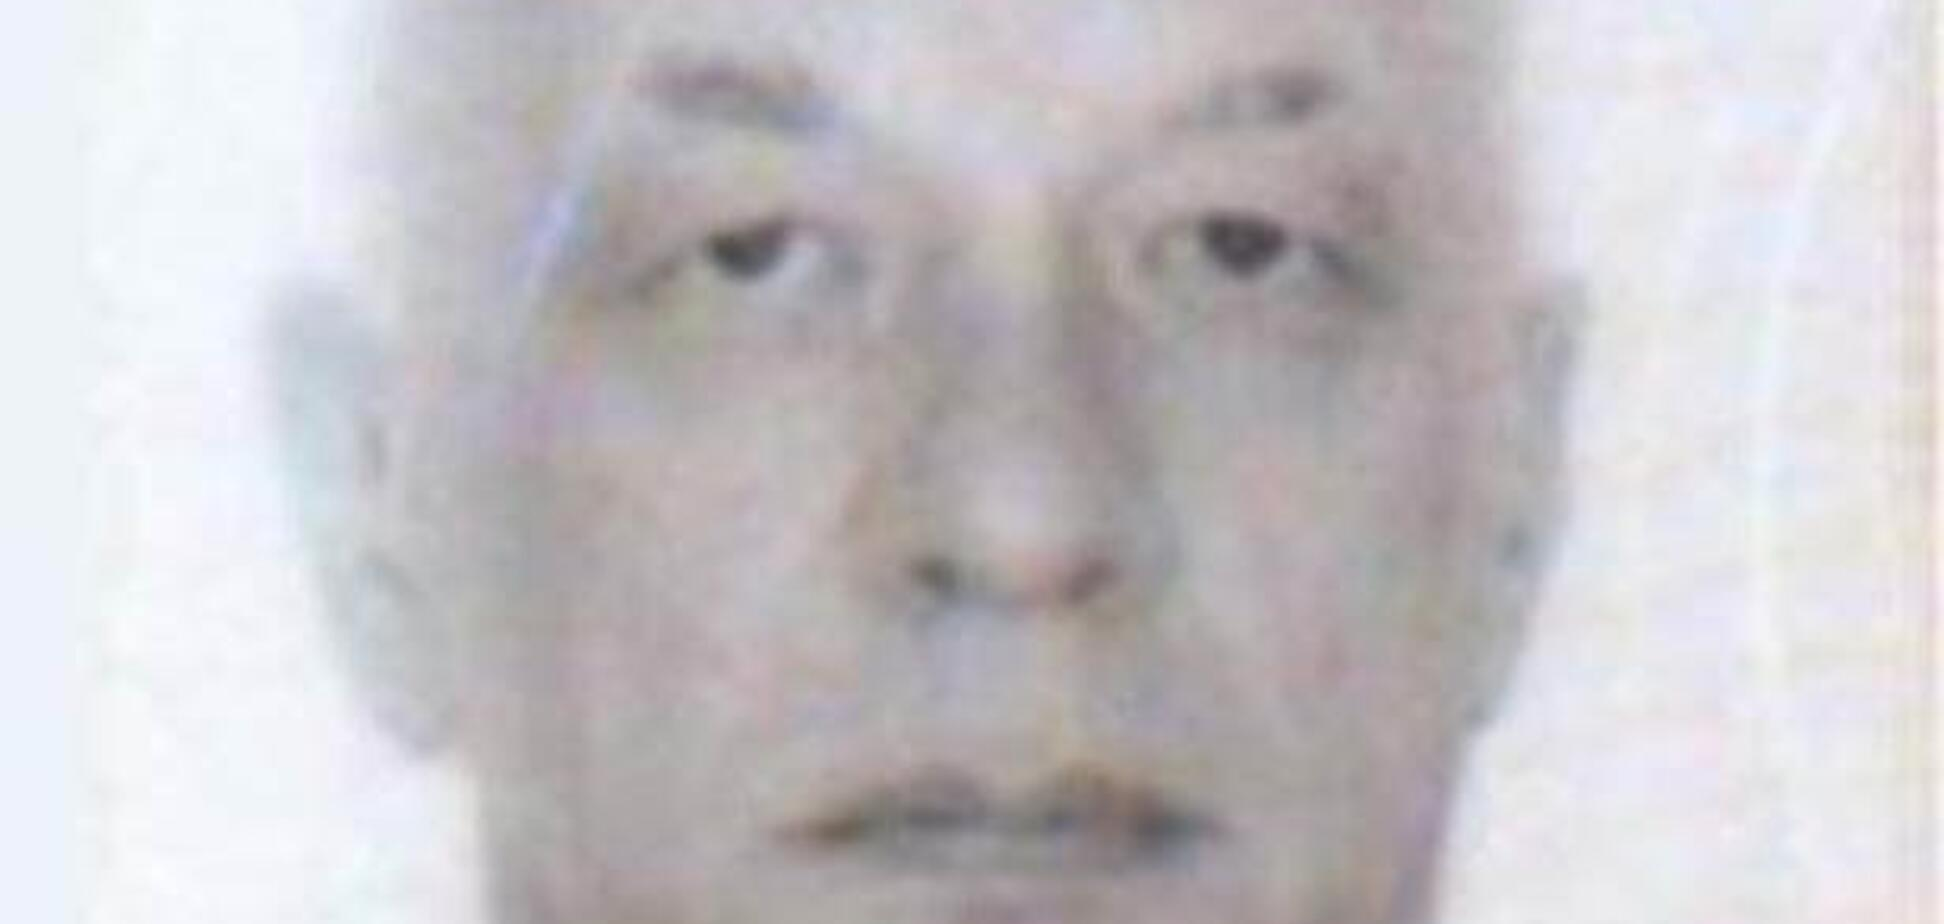 В ЄС розкусили шпигуна Путіна: його оголосили в розшук